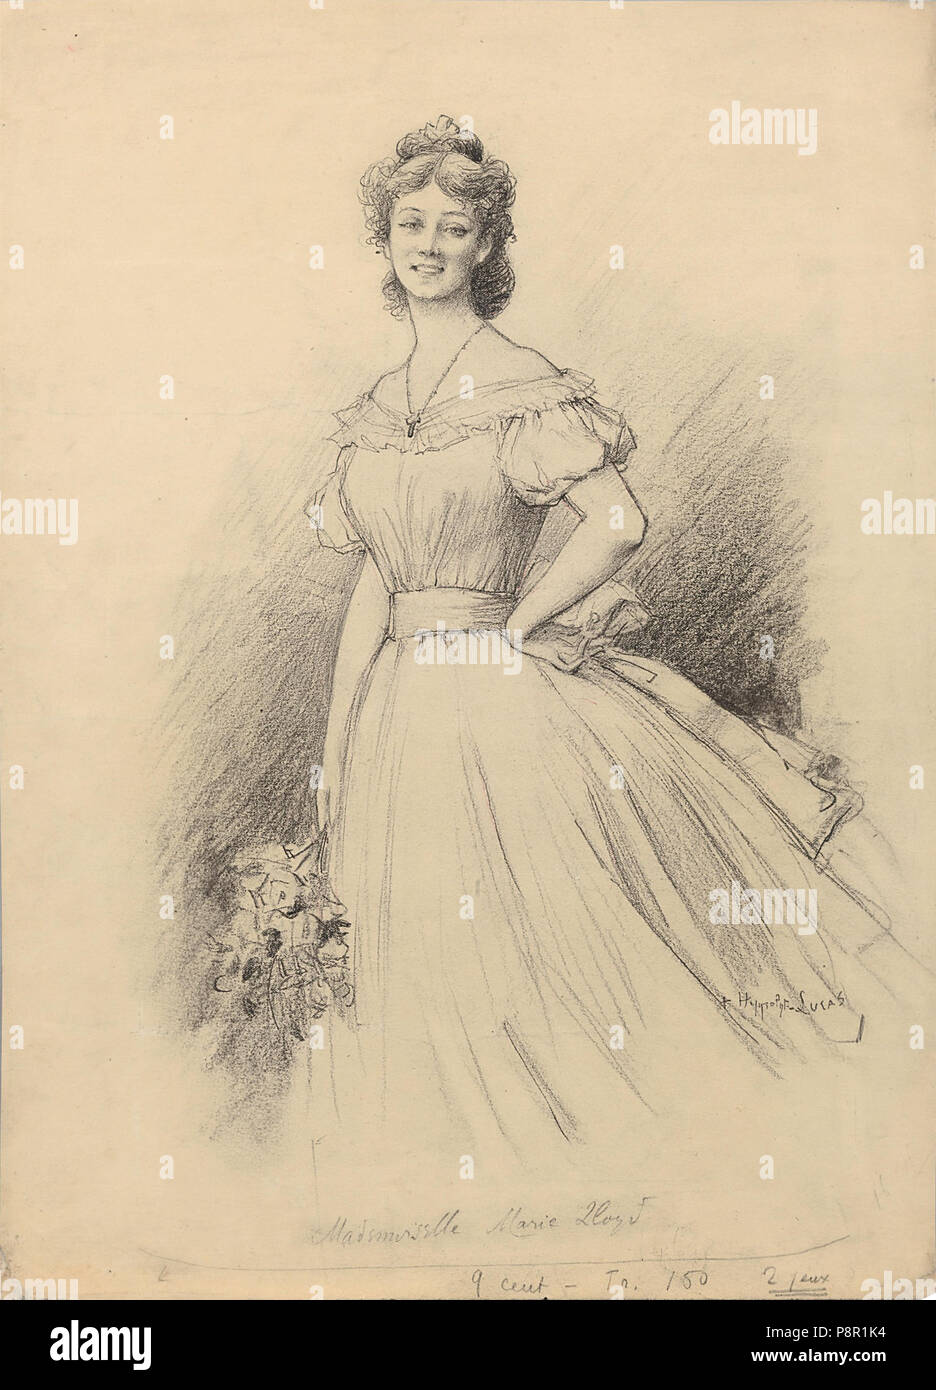 411 Marie-Félix Hippolyte-Lucas - Portrait de Marie Lloyd Foto Stock